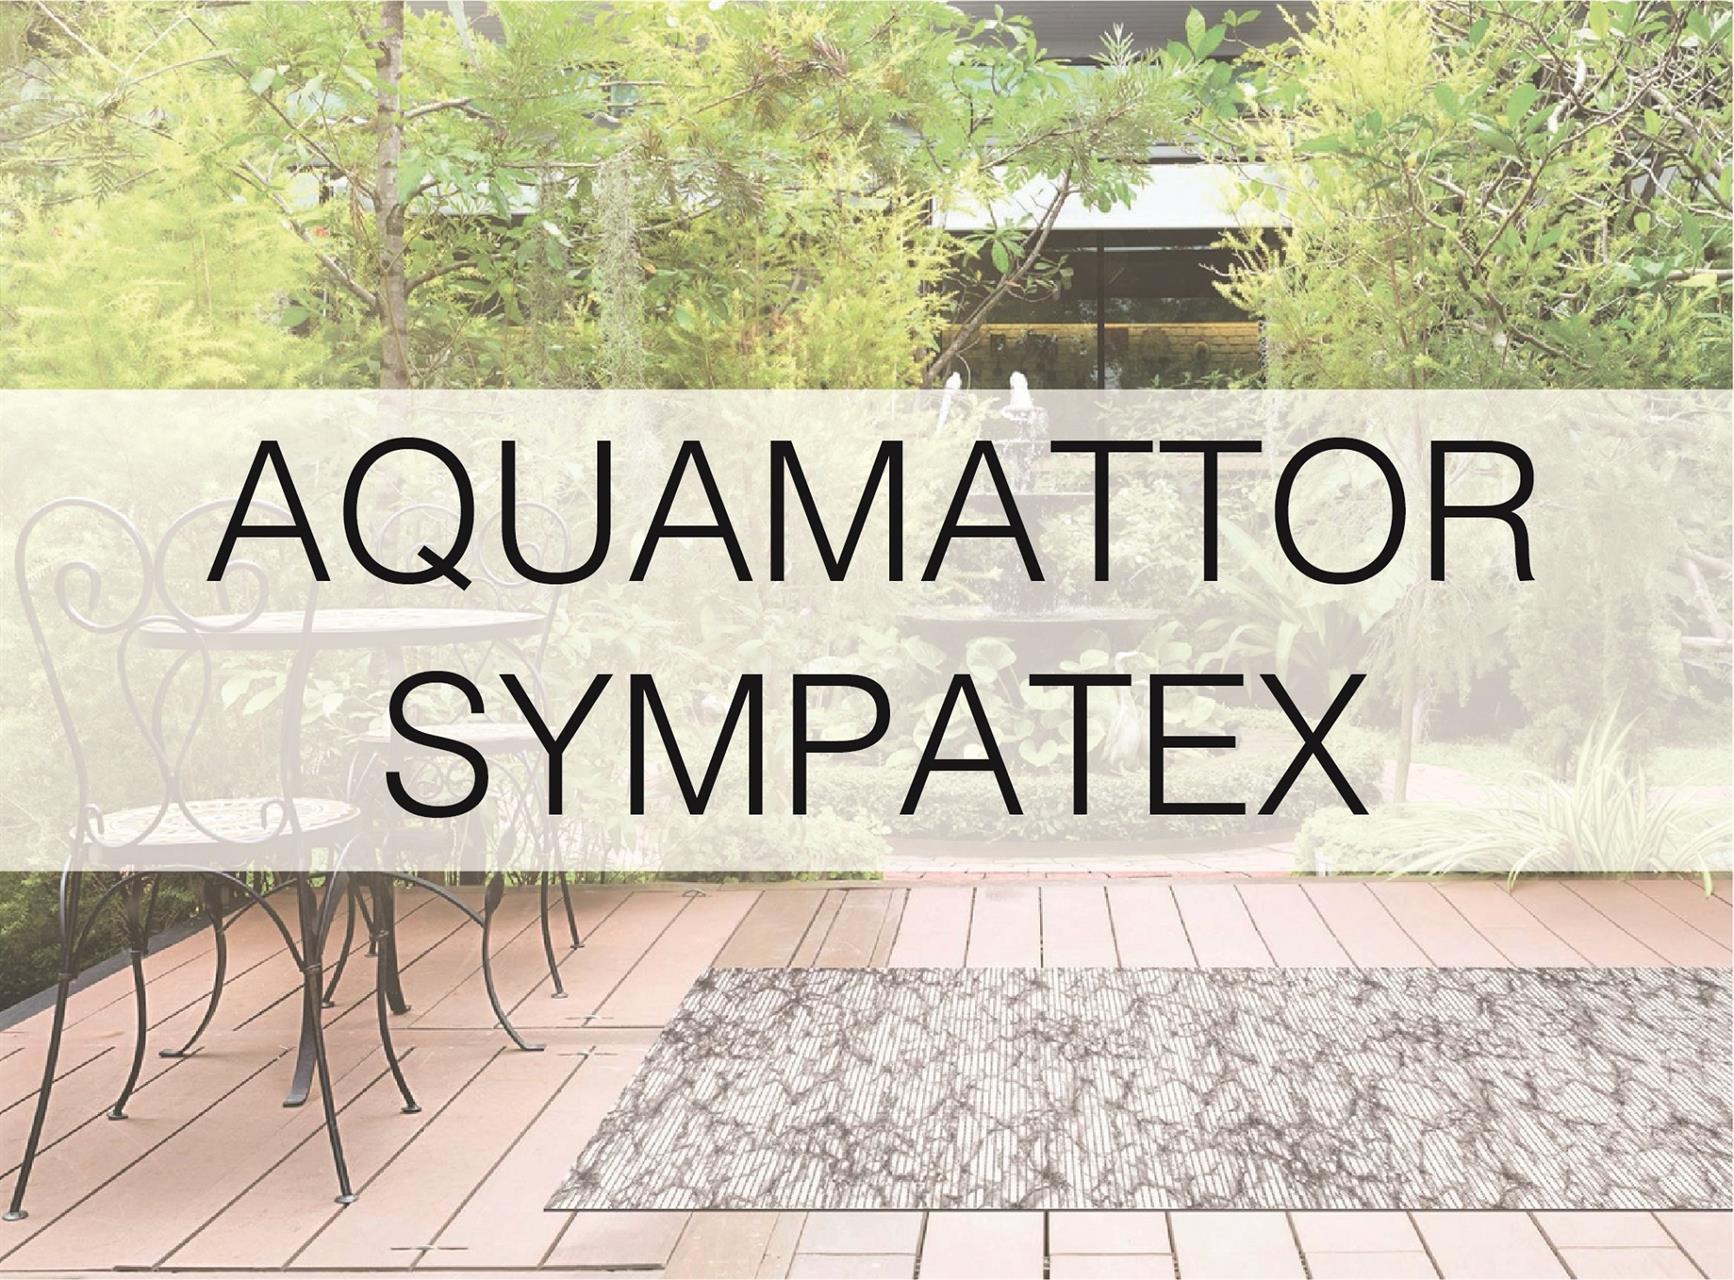 Aquamattor/Sympatex